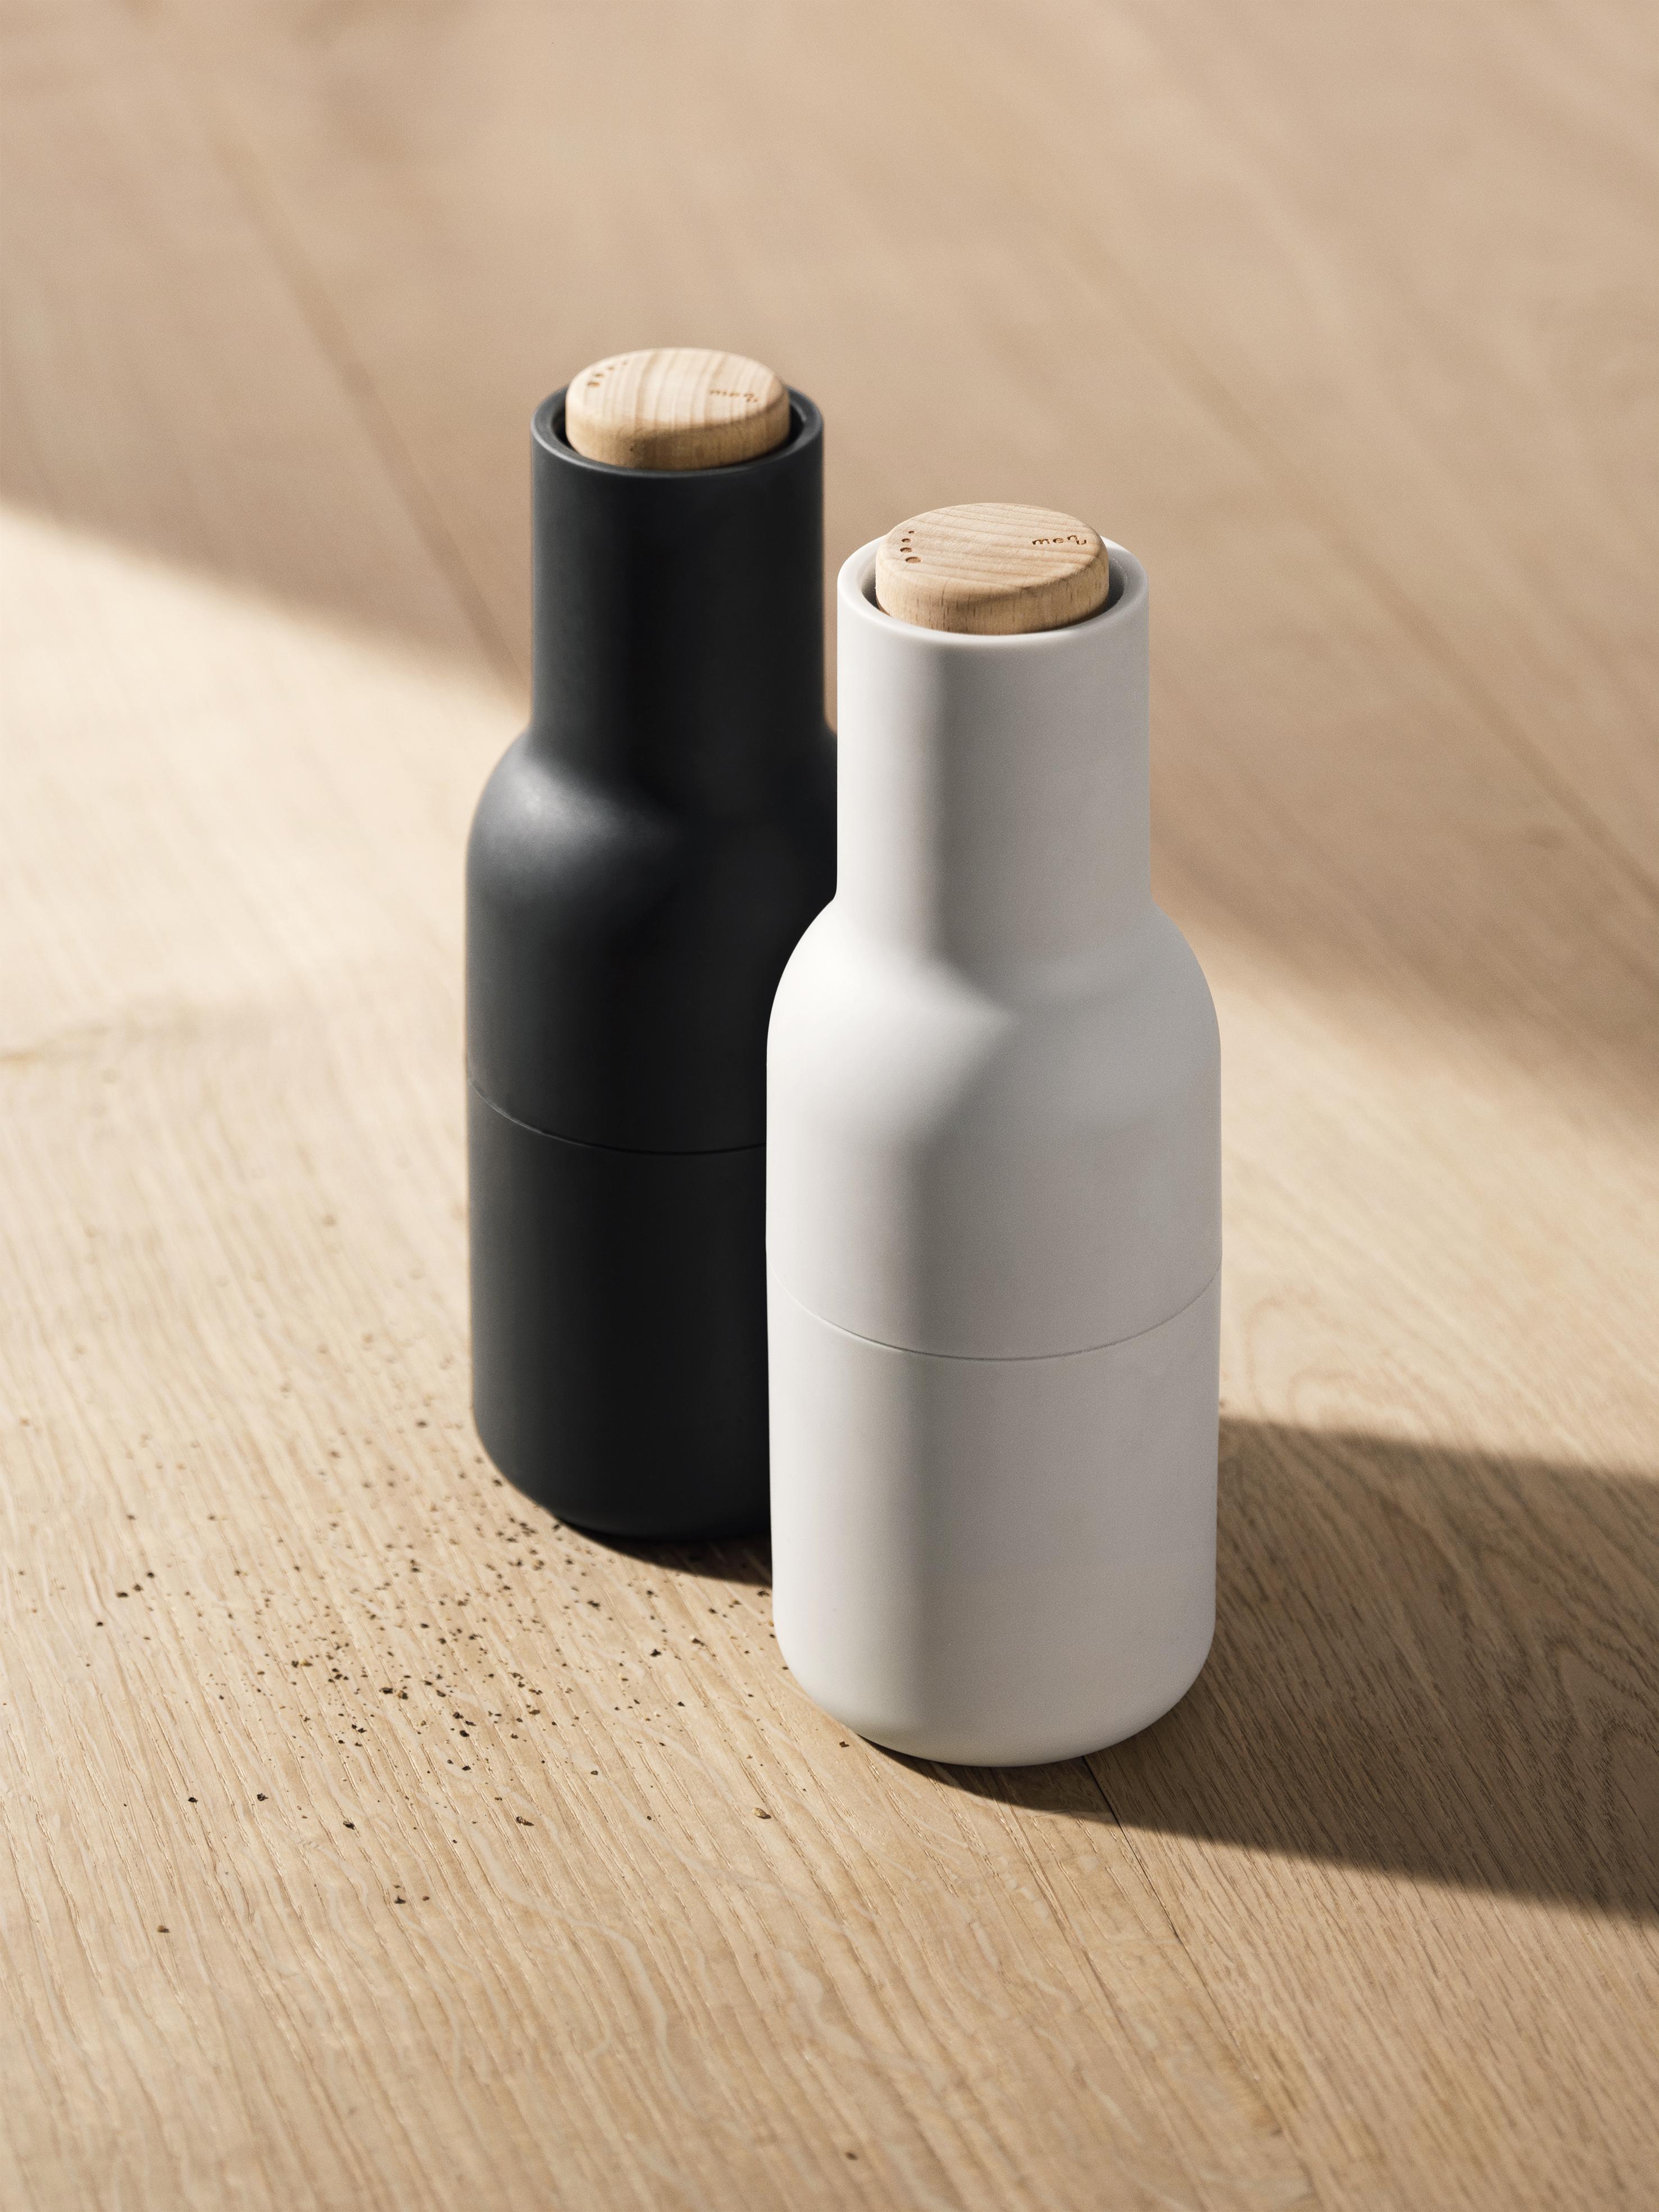 Tidsmæssigt Menu, Salt & peber kværn - Grå - smuk og funktionelt - FORMajour JO-87